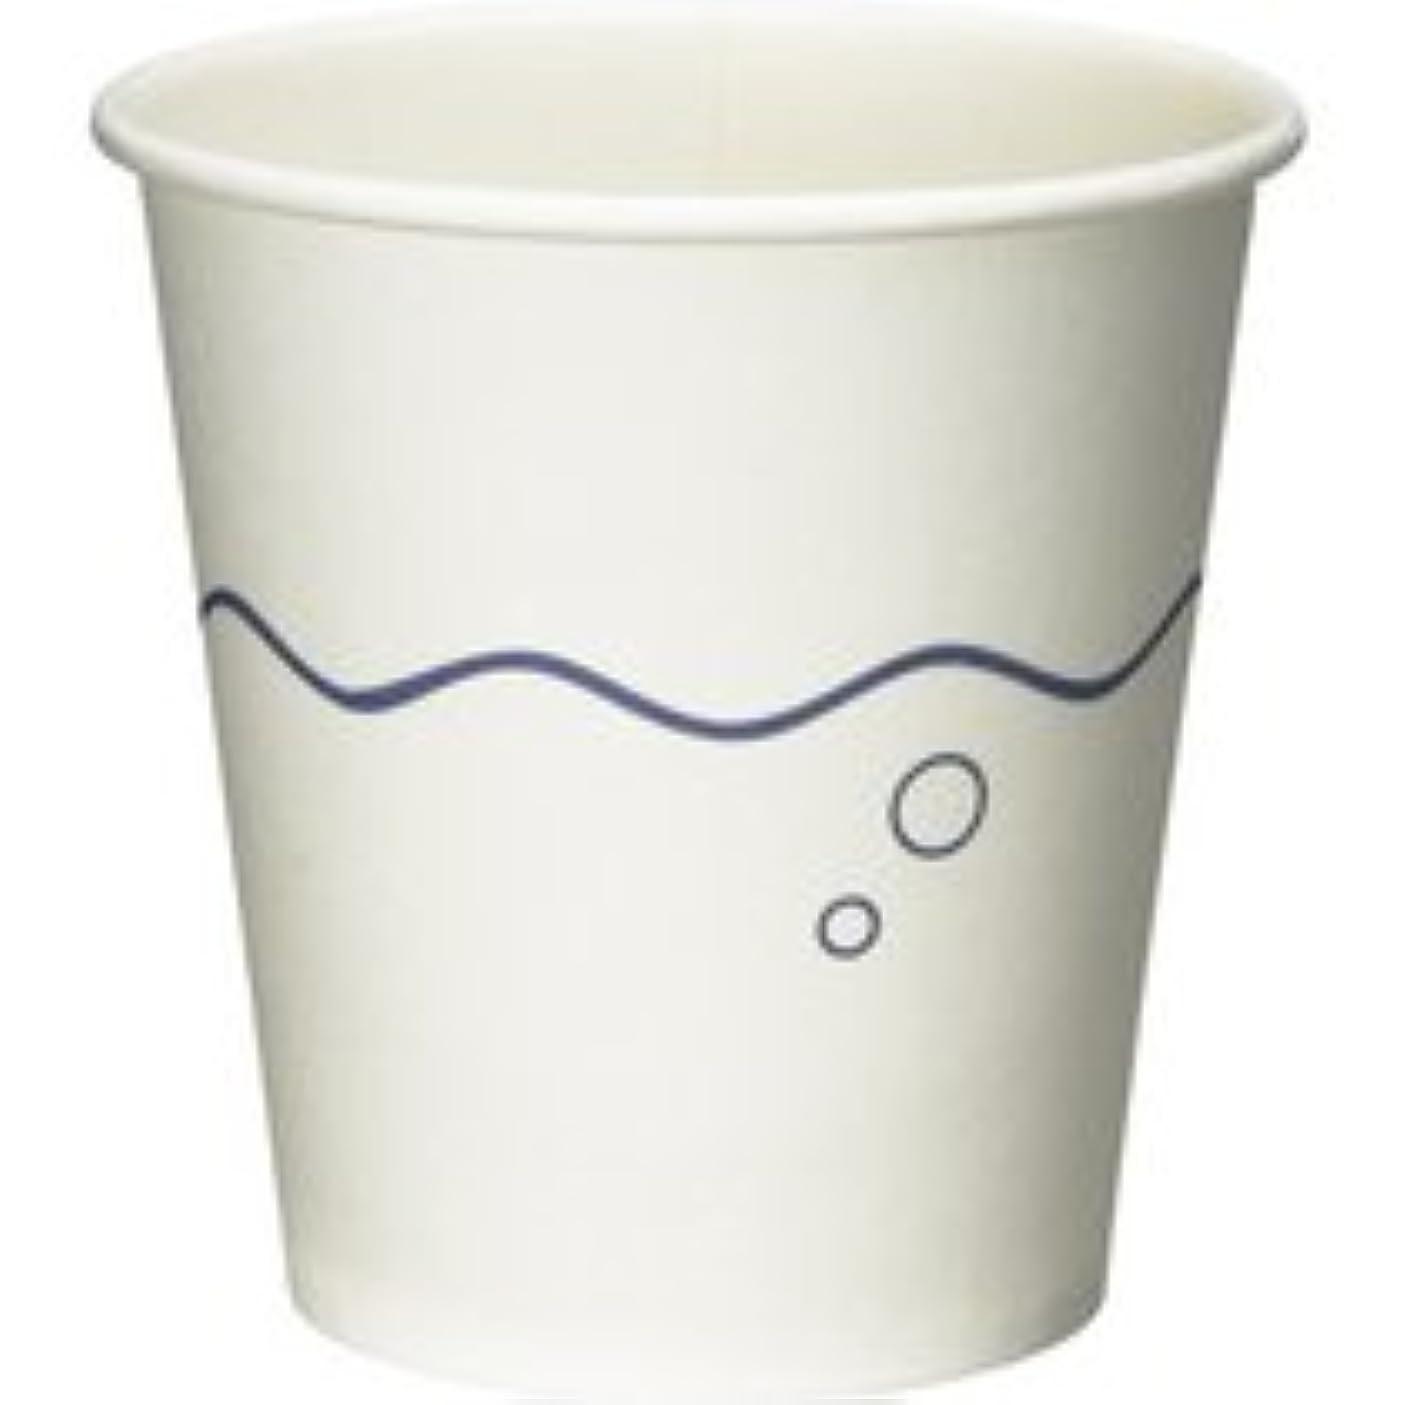 媒染剤浴室サイバースペースファーストレイト うがい用紙コップ 青波 3オンス(90ml) FR-173 1セット(2000個:100個×20パック)